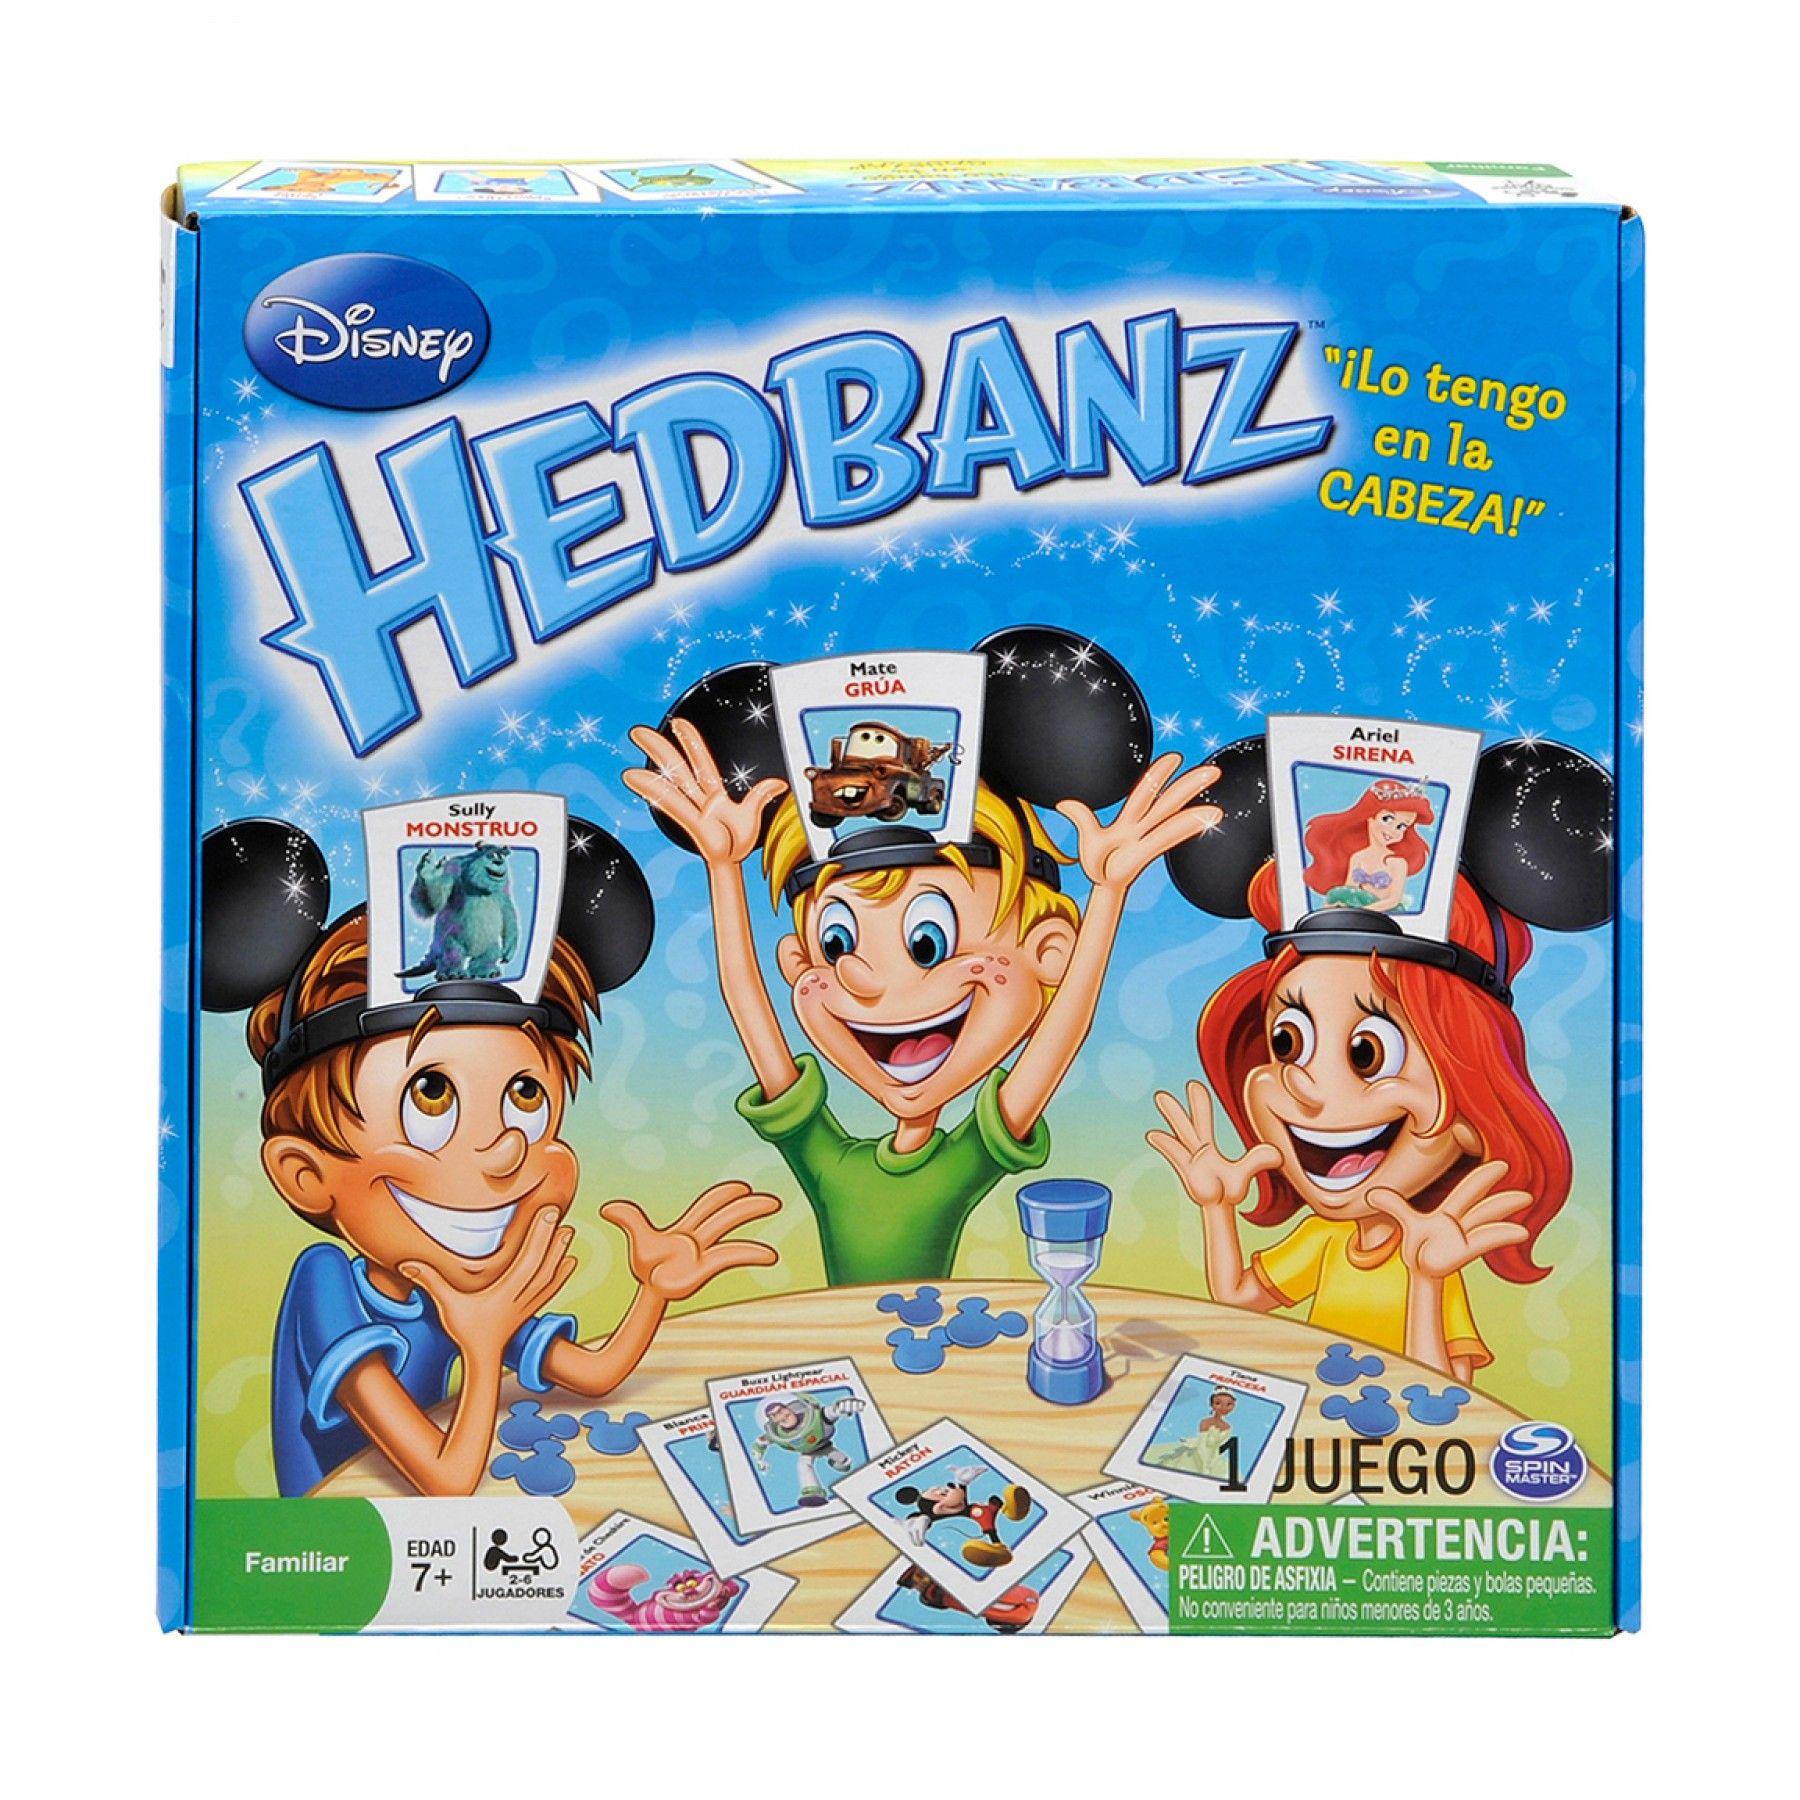 Juegos Spin Master Hedbanz Disney Adivina Qué Personaje U Objeto De Disney Eres Antes Que Los Demás Para Ser El Gan Juegos De Disney Juegos De Tablero Disney